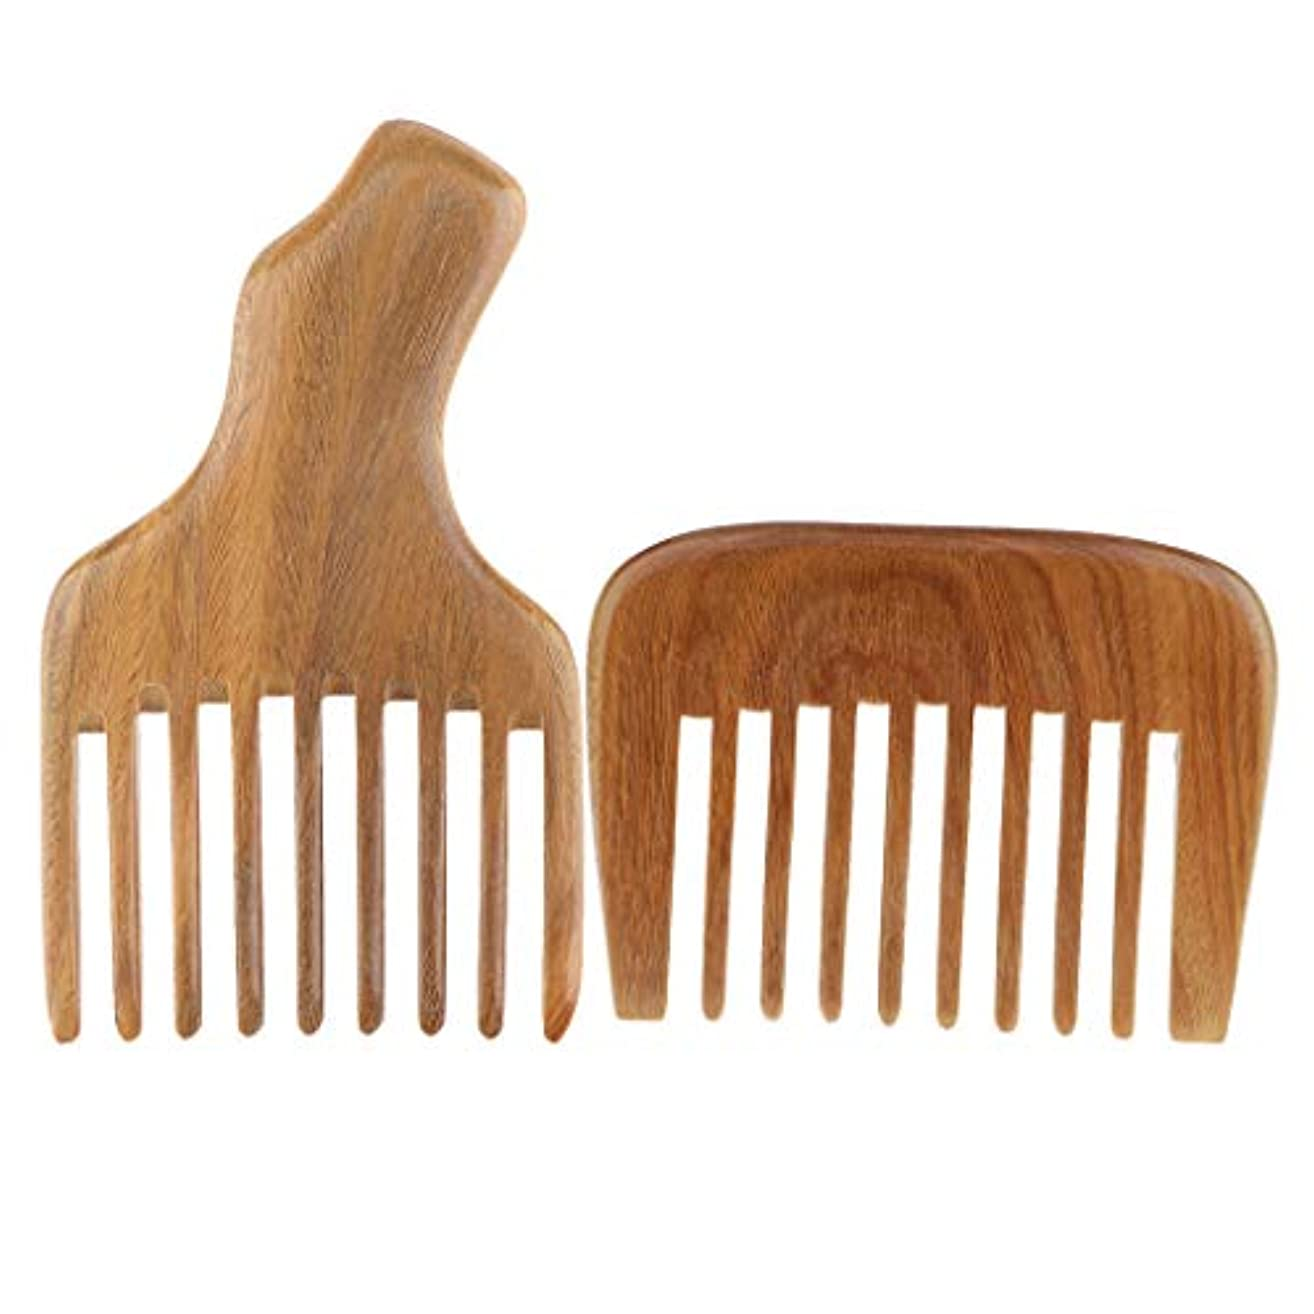 肥料マルクス主義クロスウッドコーム 天然木の櫛セット 髪のマッサージの櫛 2個セット